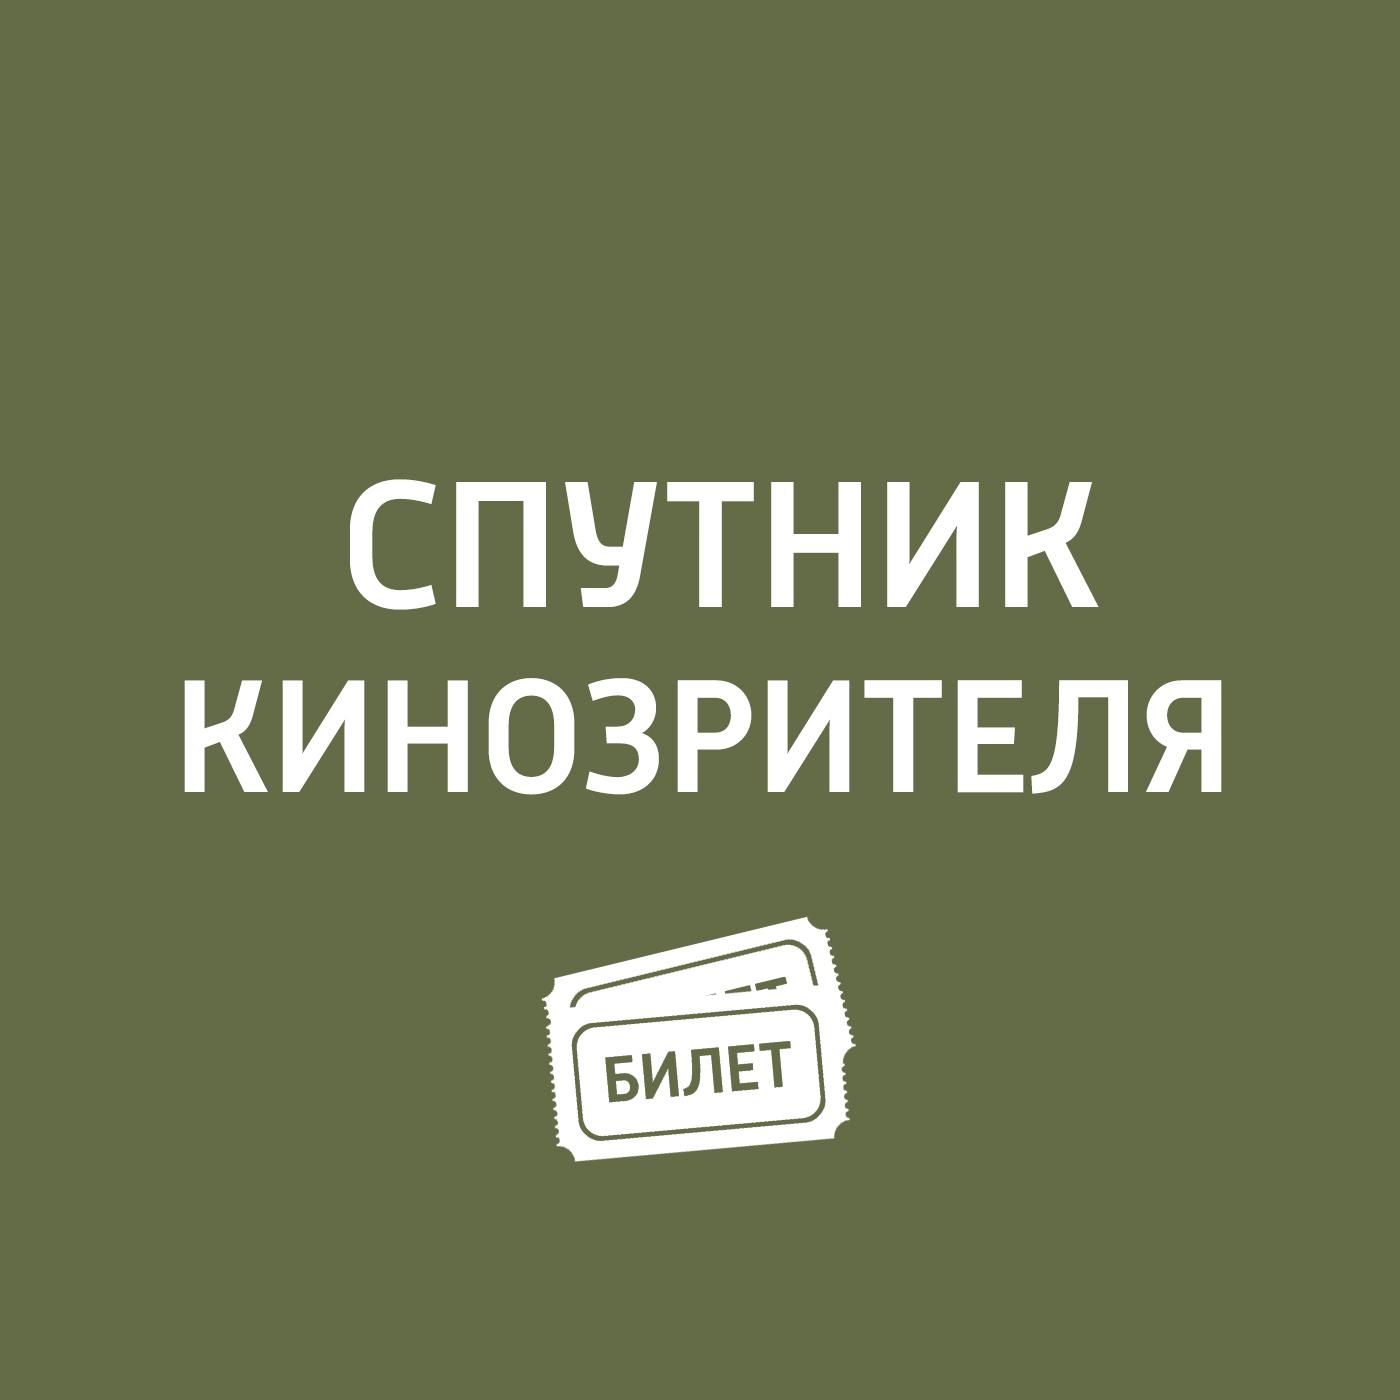 Антон Долин Неудержимые-3, «Красотки Парижа sitemap 72 xml